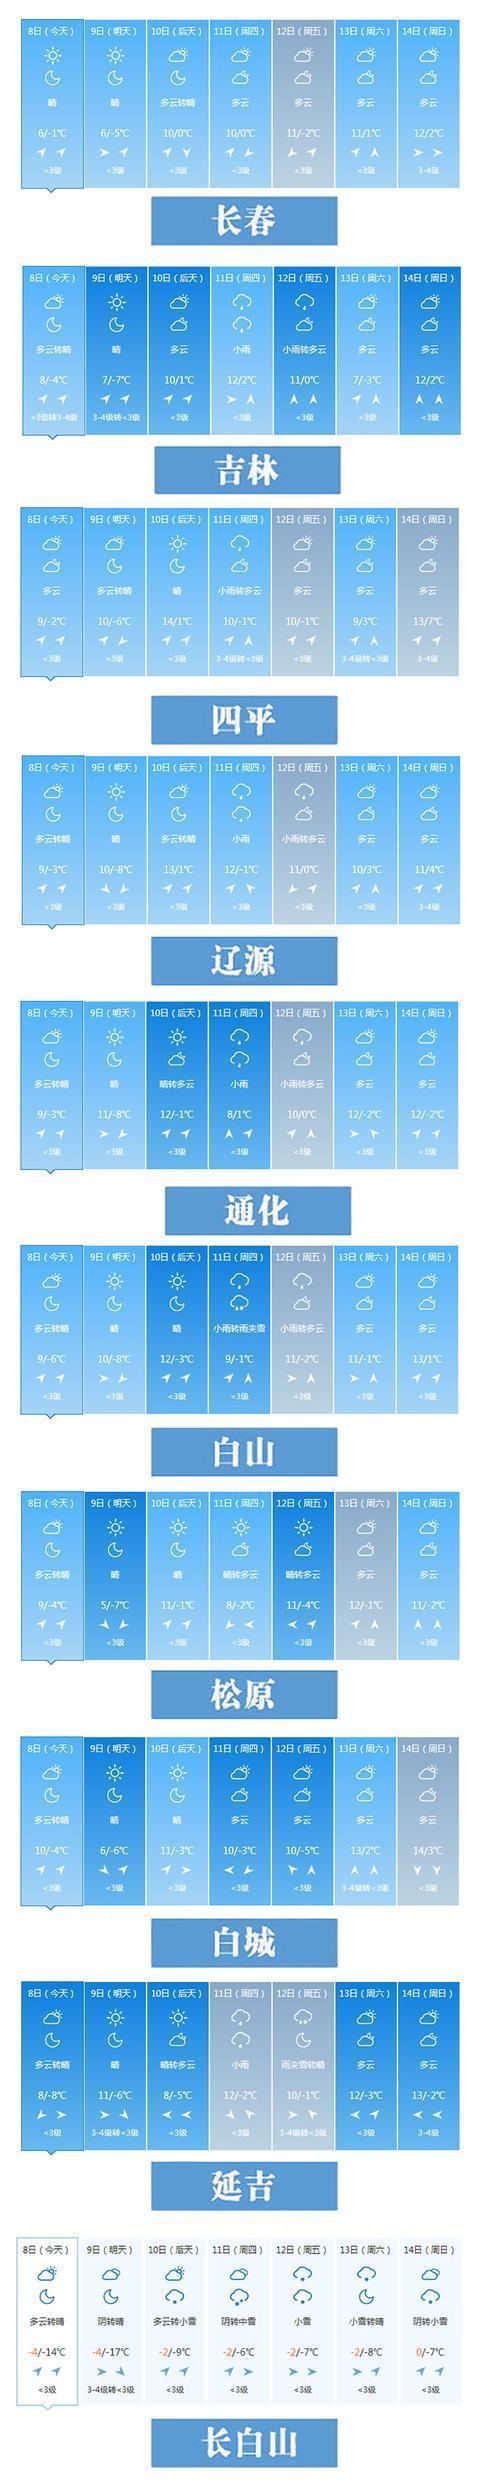 温度高达14℃!本周吉林省高温少雨。 第2张